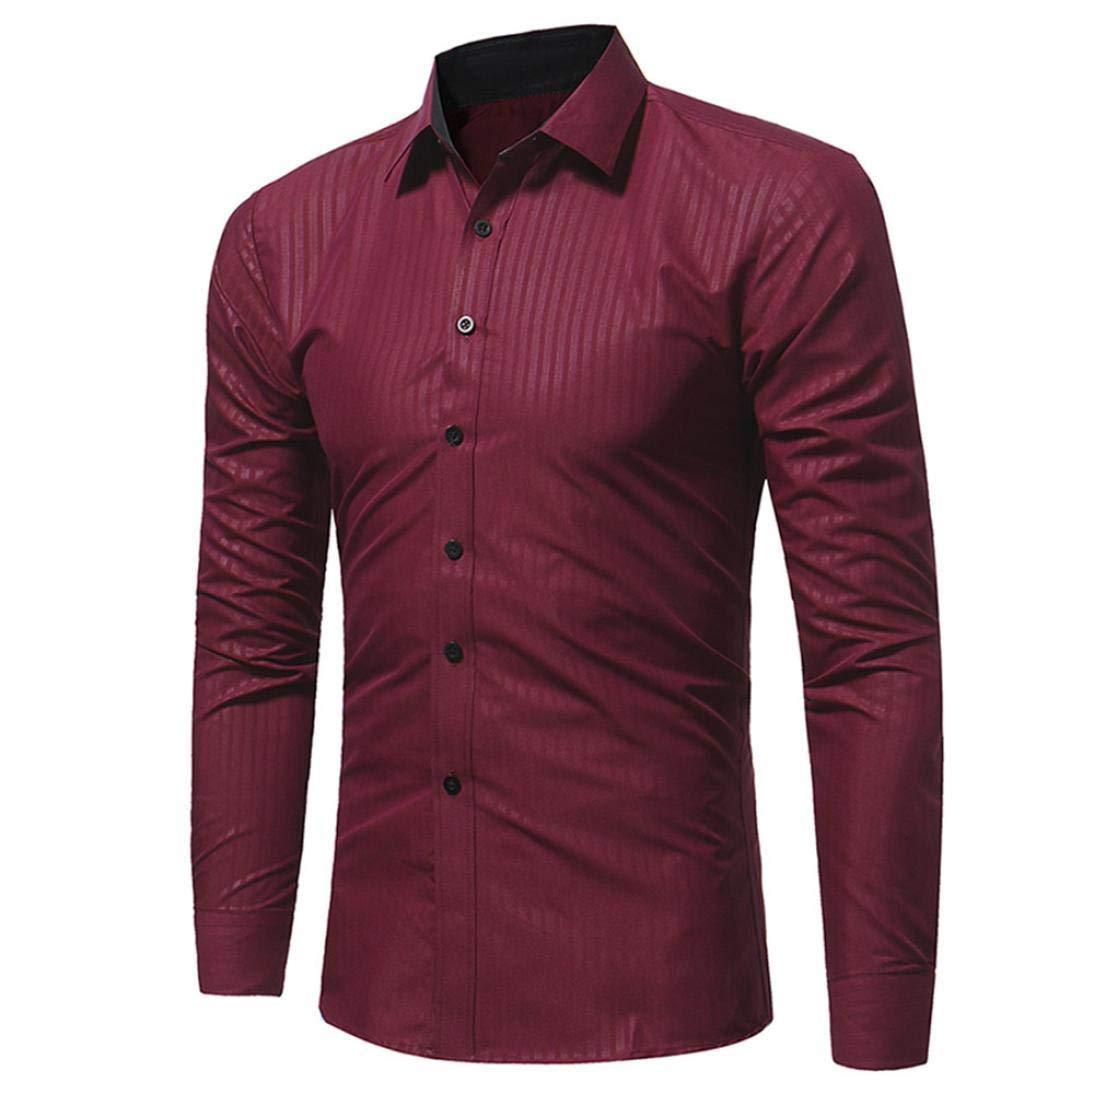 BaZhaHei-Camisetas de hombre Moda Blusa de Hombre Camisas de Hombre Camisa de Manga Larga Casual Masculina de Rayas de Colores sólidos, Rayas Finas de Manga ...